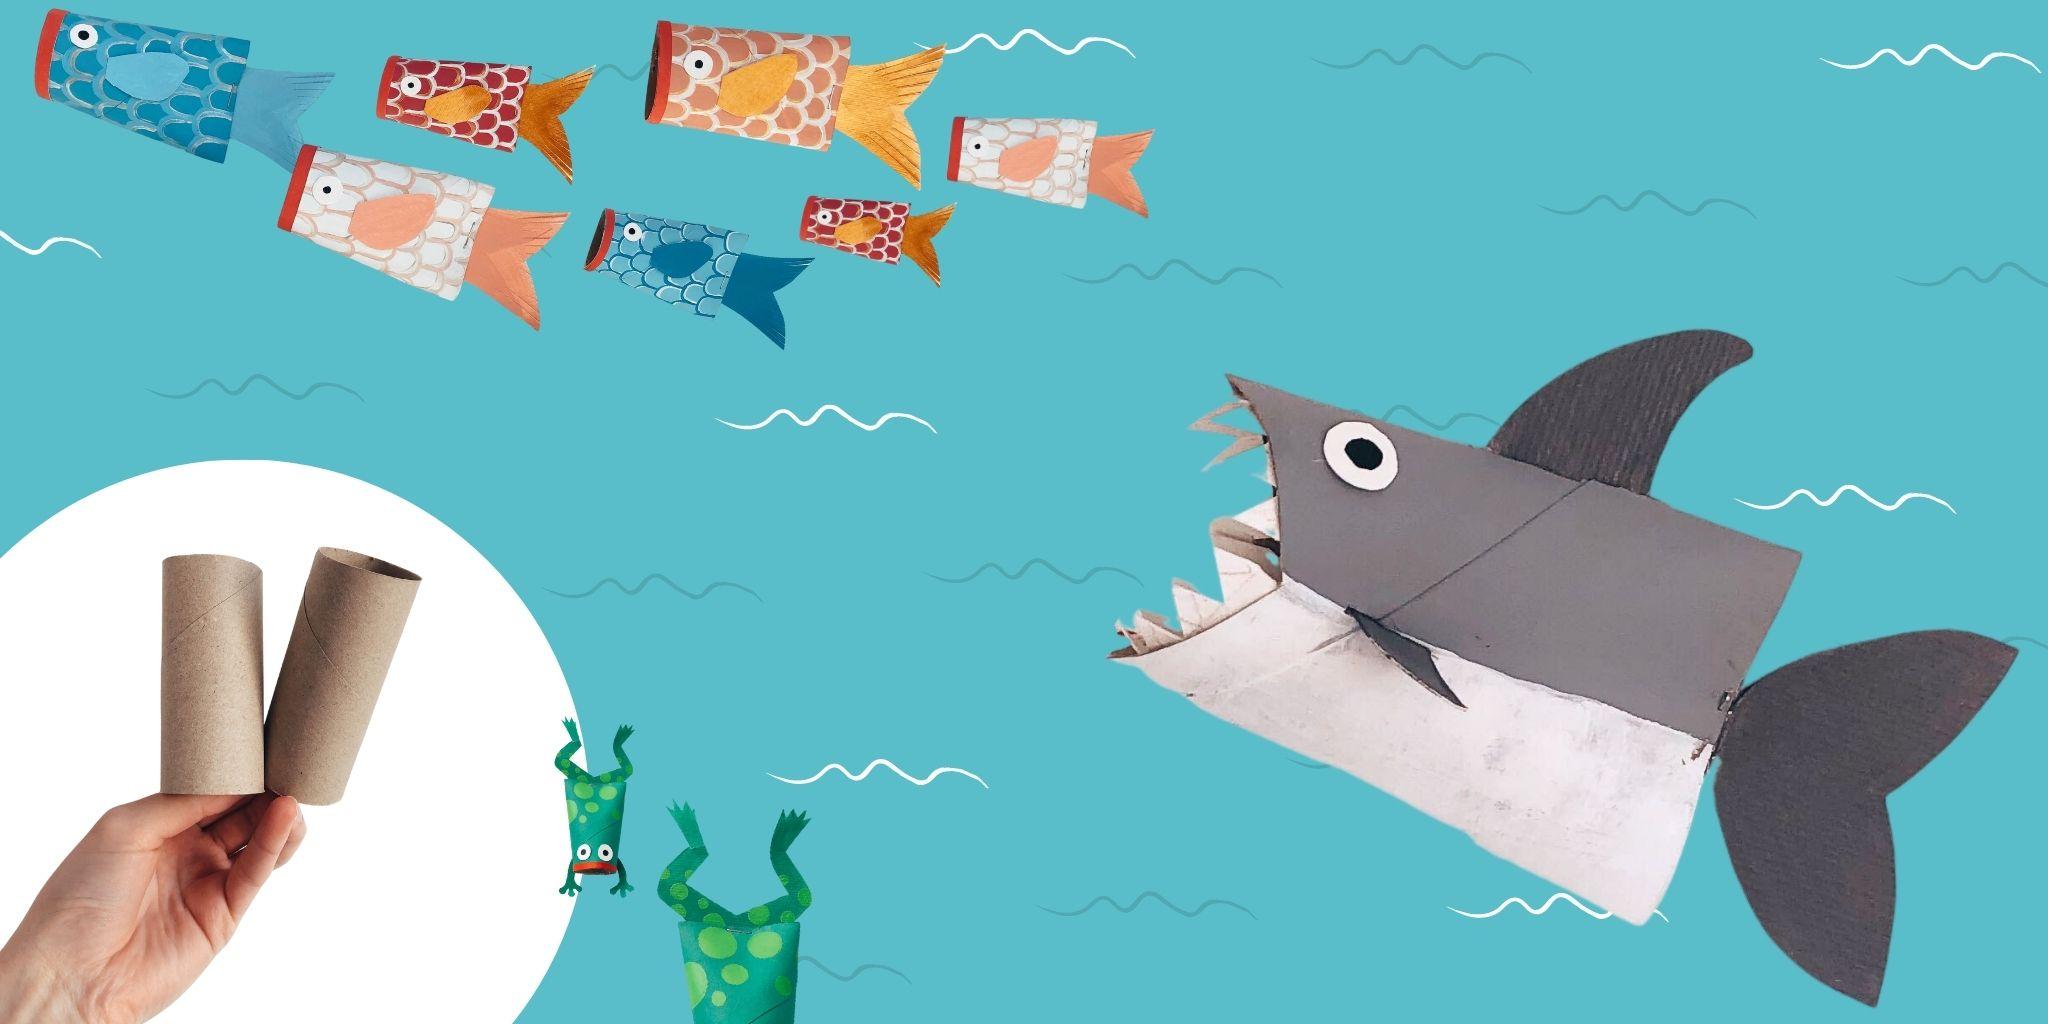 Criaturas da água: tubarão, sapo e peixe